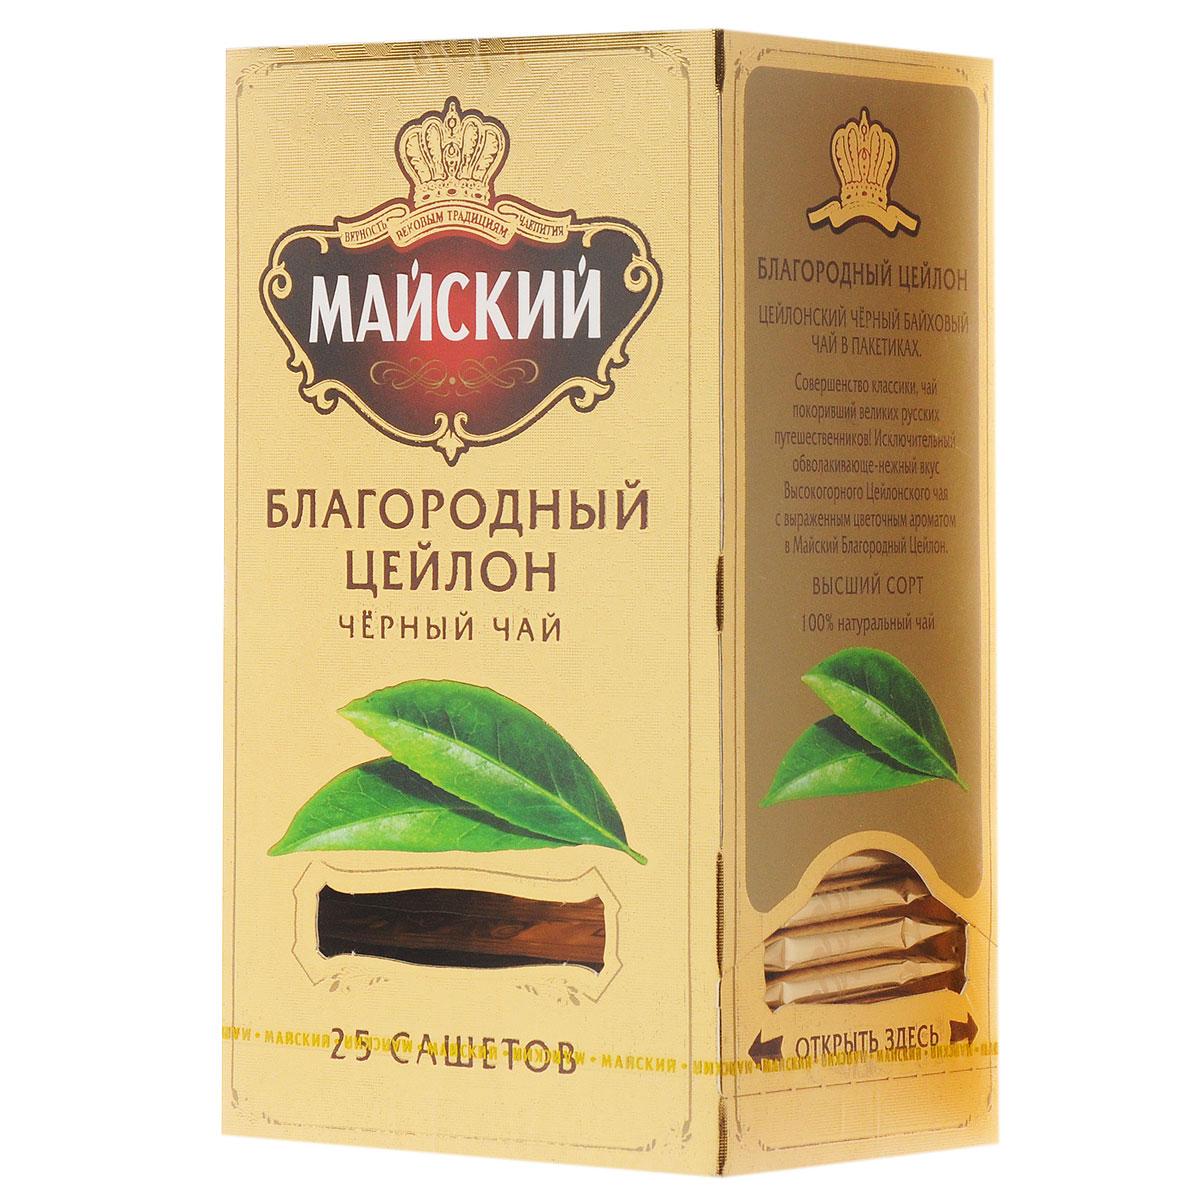 Майский Благородный Цейлон черный чай в пакетиках, 25 шт куплю дом в поселке майский белгородский район